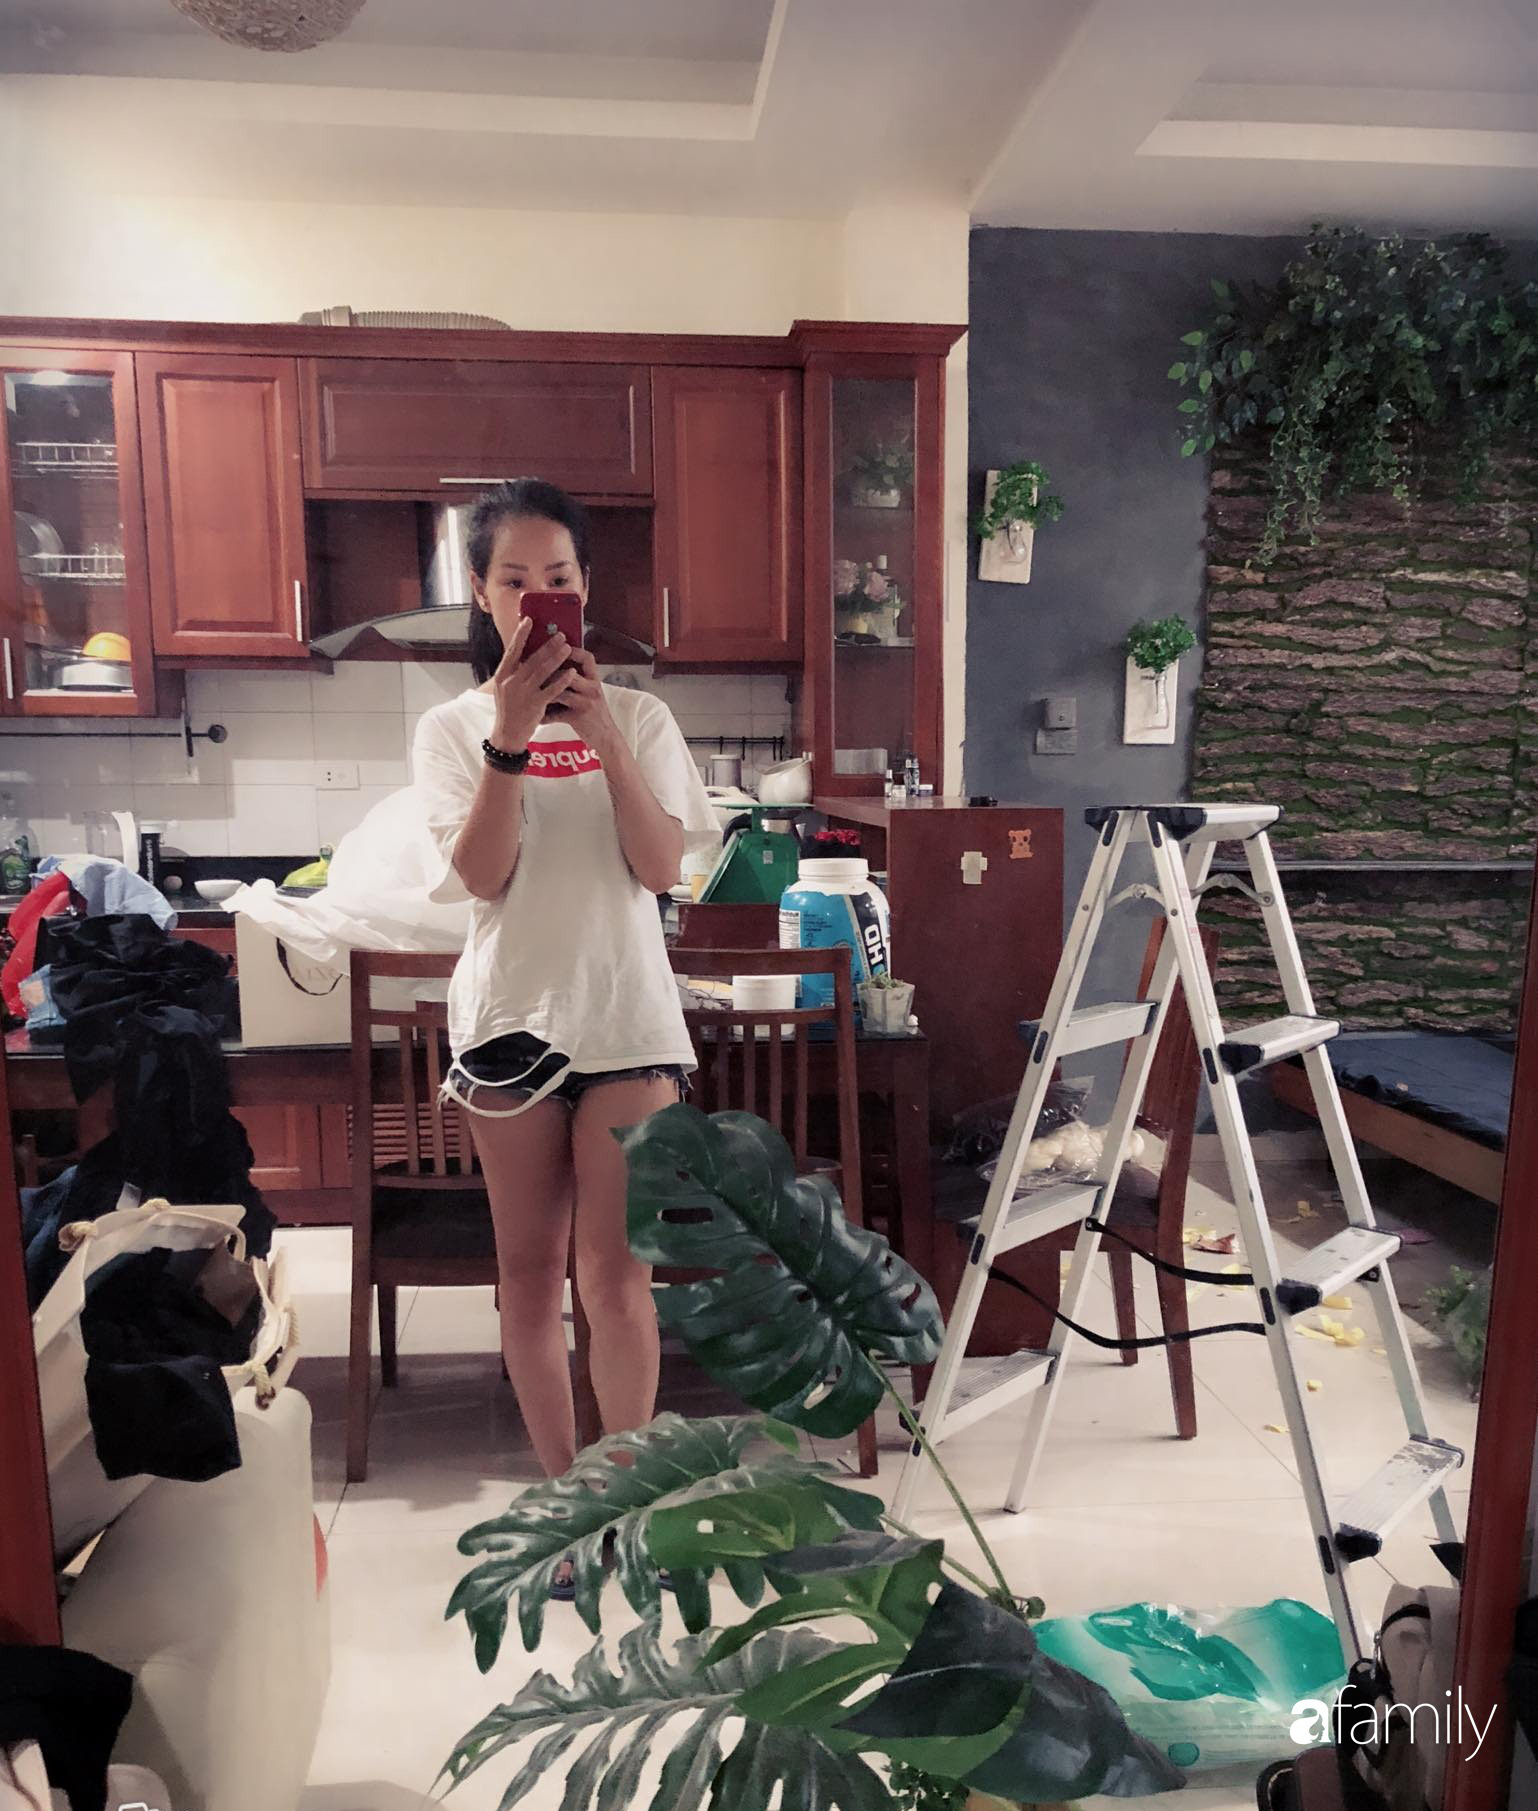 Bà mẹ trẻ Hà Nội biến phòng trọ 22m² thành homestay đẹp hút mắt cho riêng mình với chi phí cải tạo chỉ 5 triệu đồng - Ảnh 2.